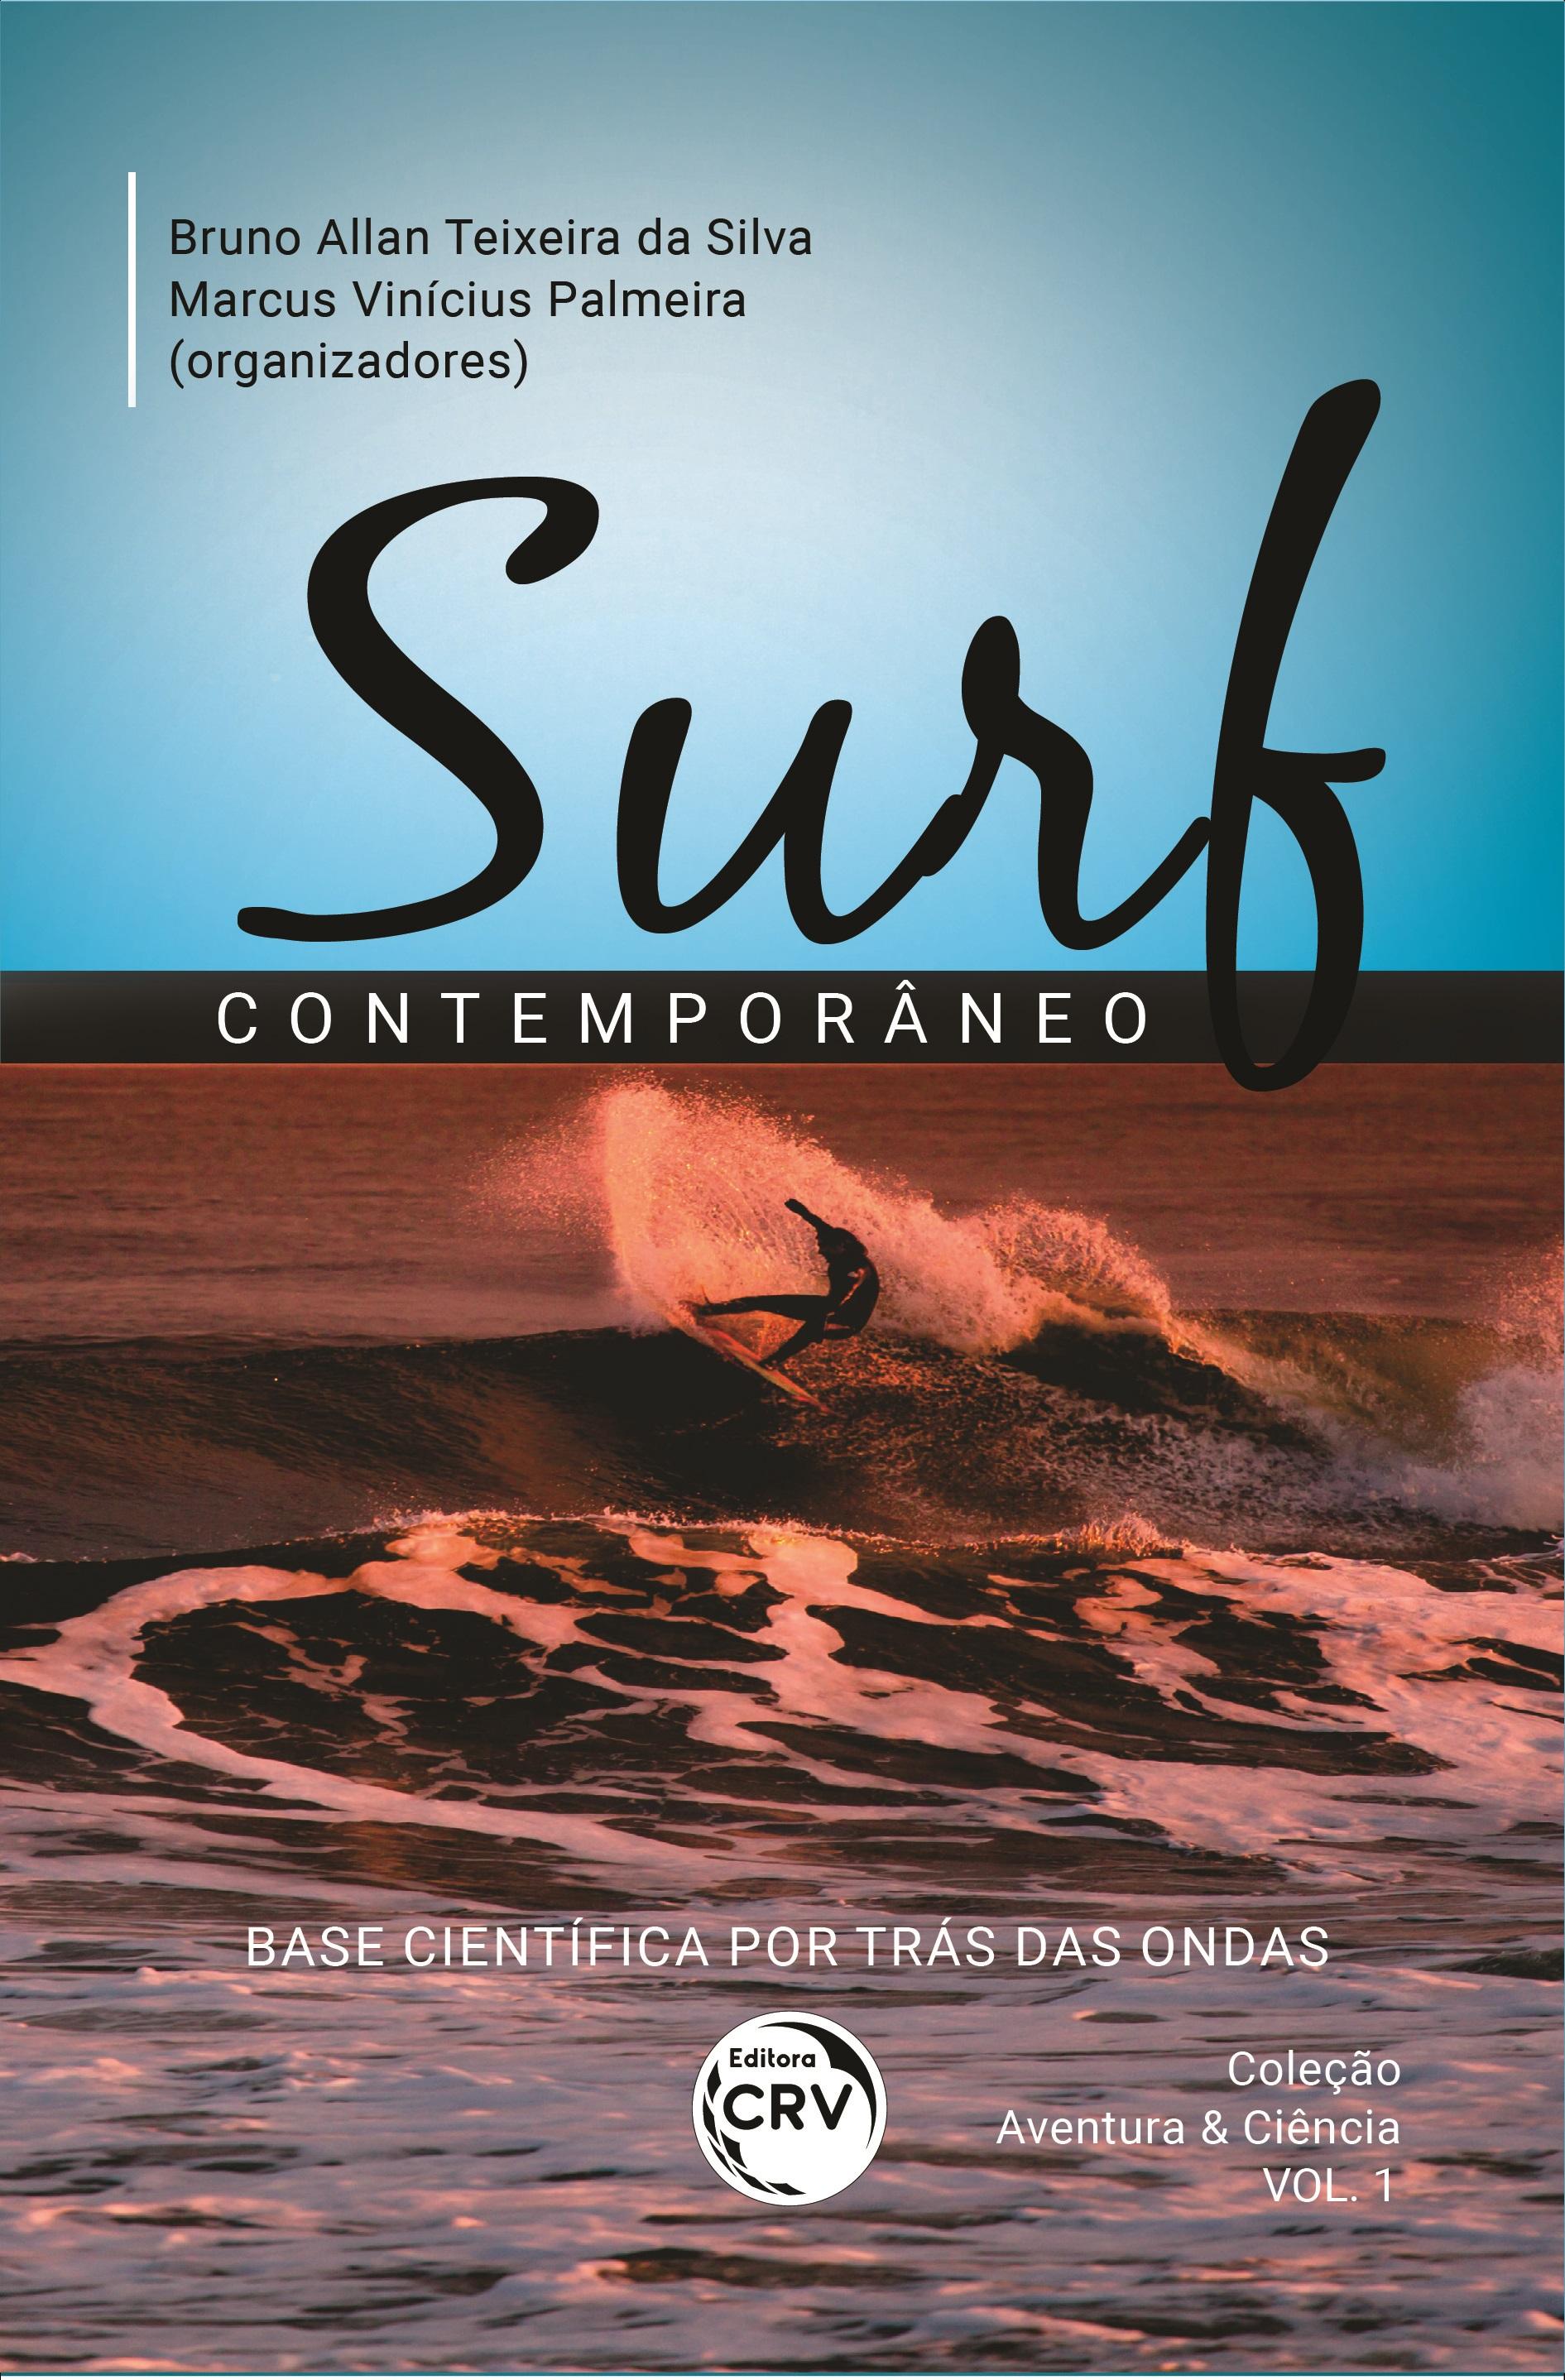 Capa do livro: SURF CONTEMPORÂNEO: <br>base científica por trás das ondas <br><br>Coleção: Aventura & Ciência - Volume 1